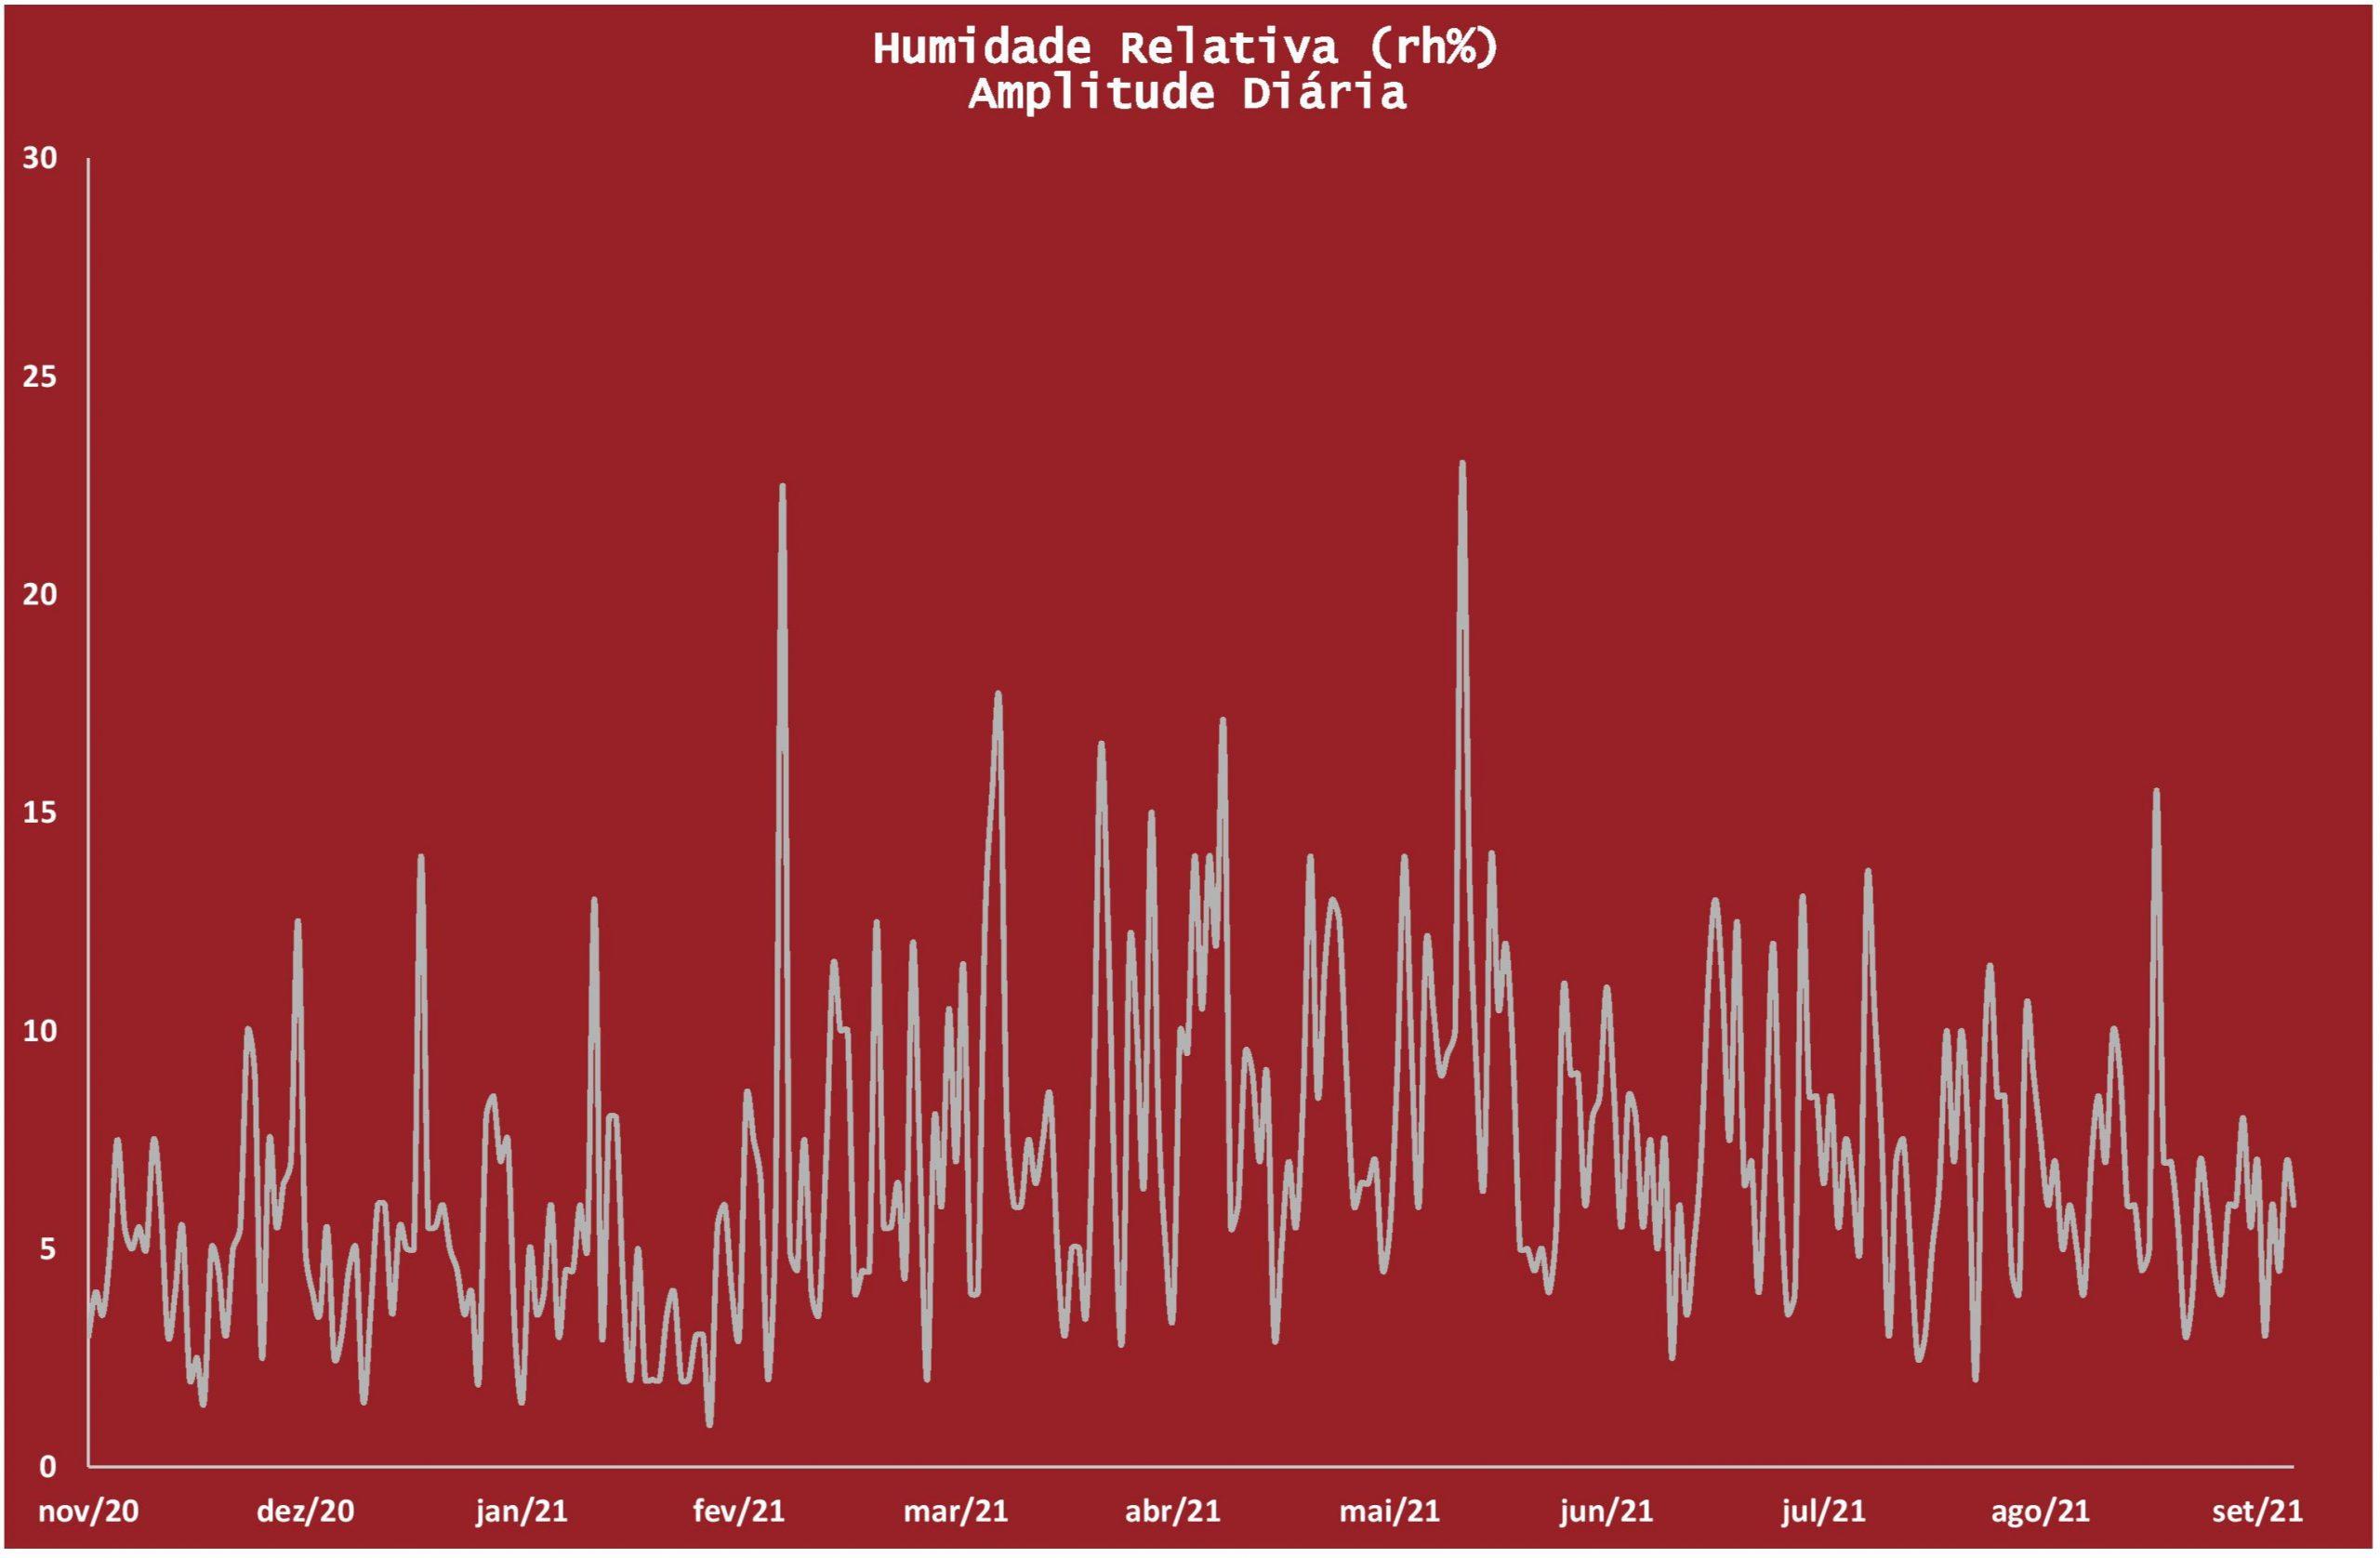 Amplitude diária da humidade relativa